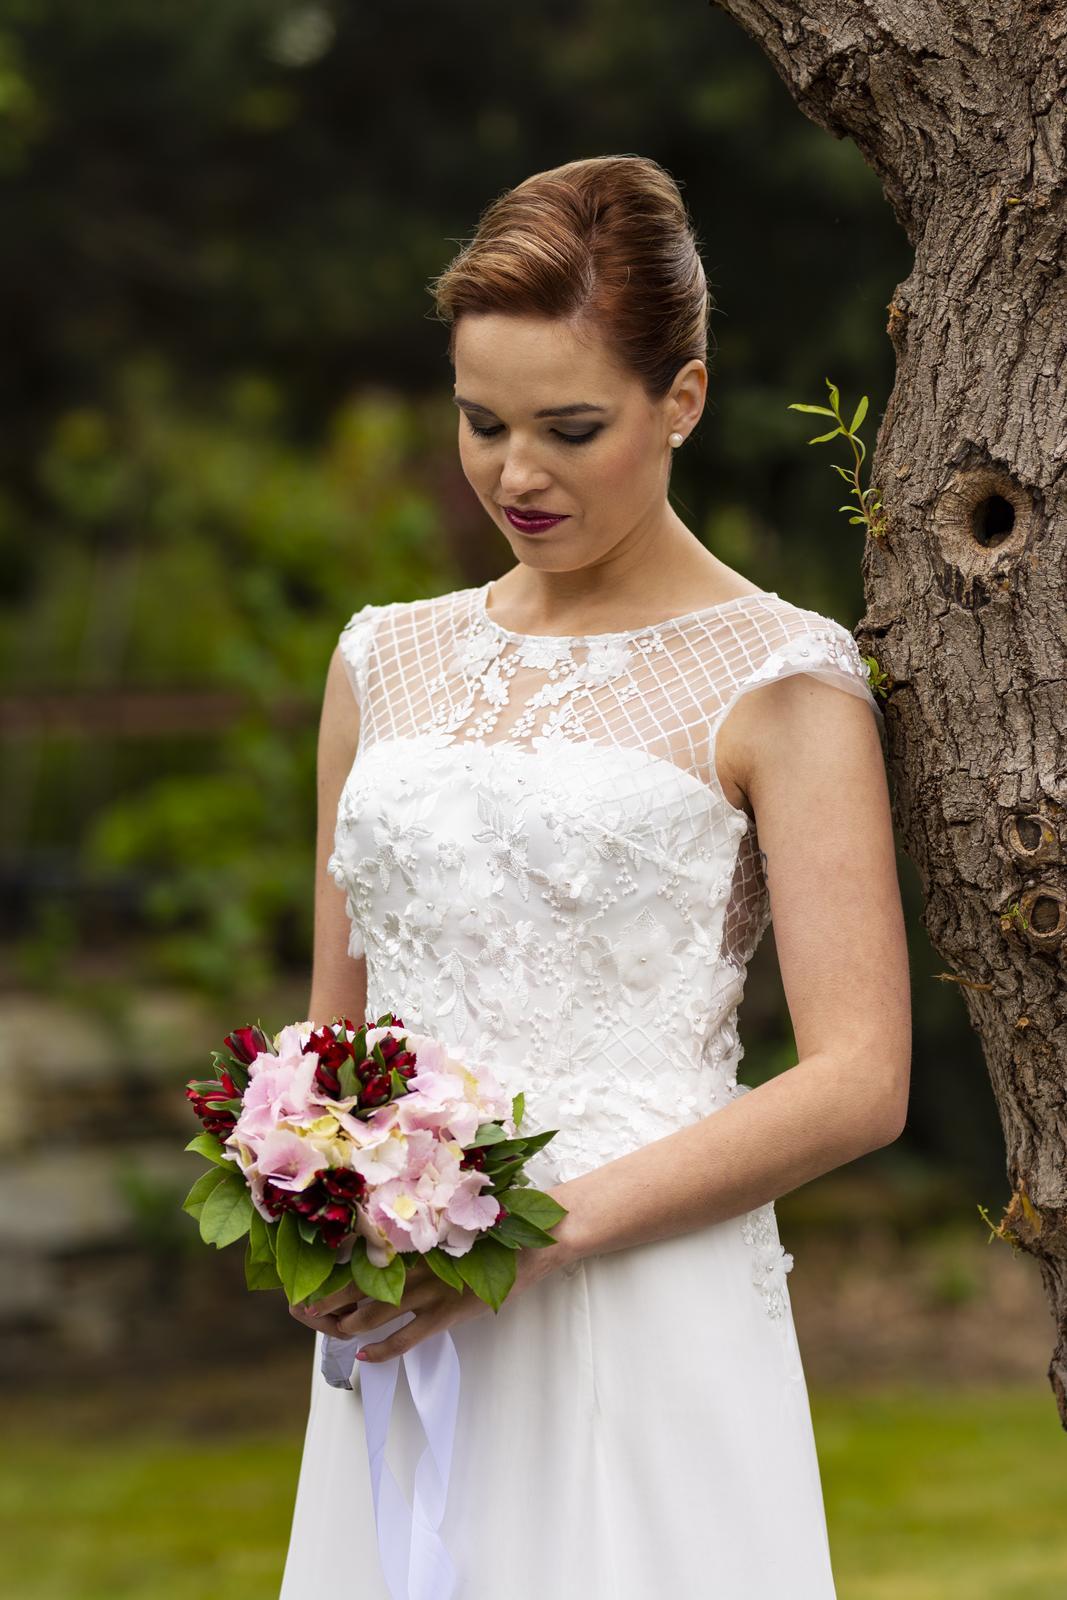 Svatební salon Adeleine - Originál svatební šaty Adeleine - prodej 14500,- Kč. Velikosti pouze 34-38